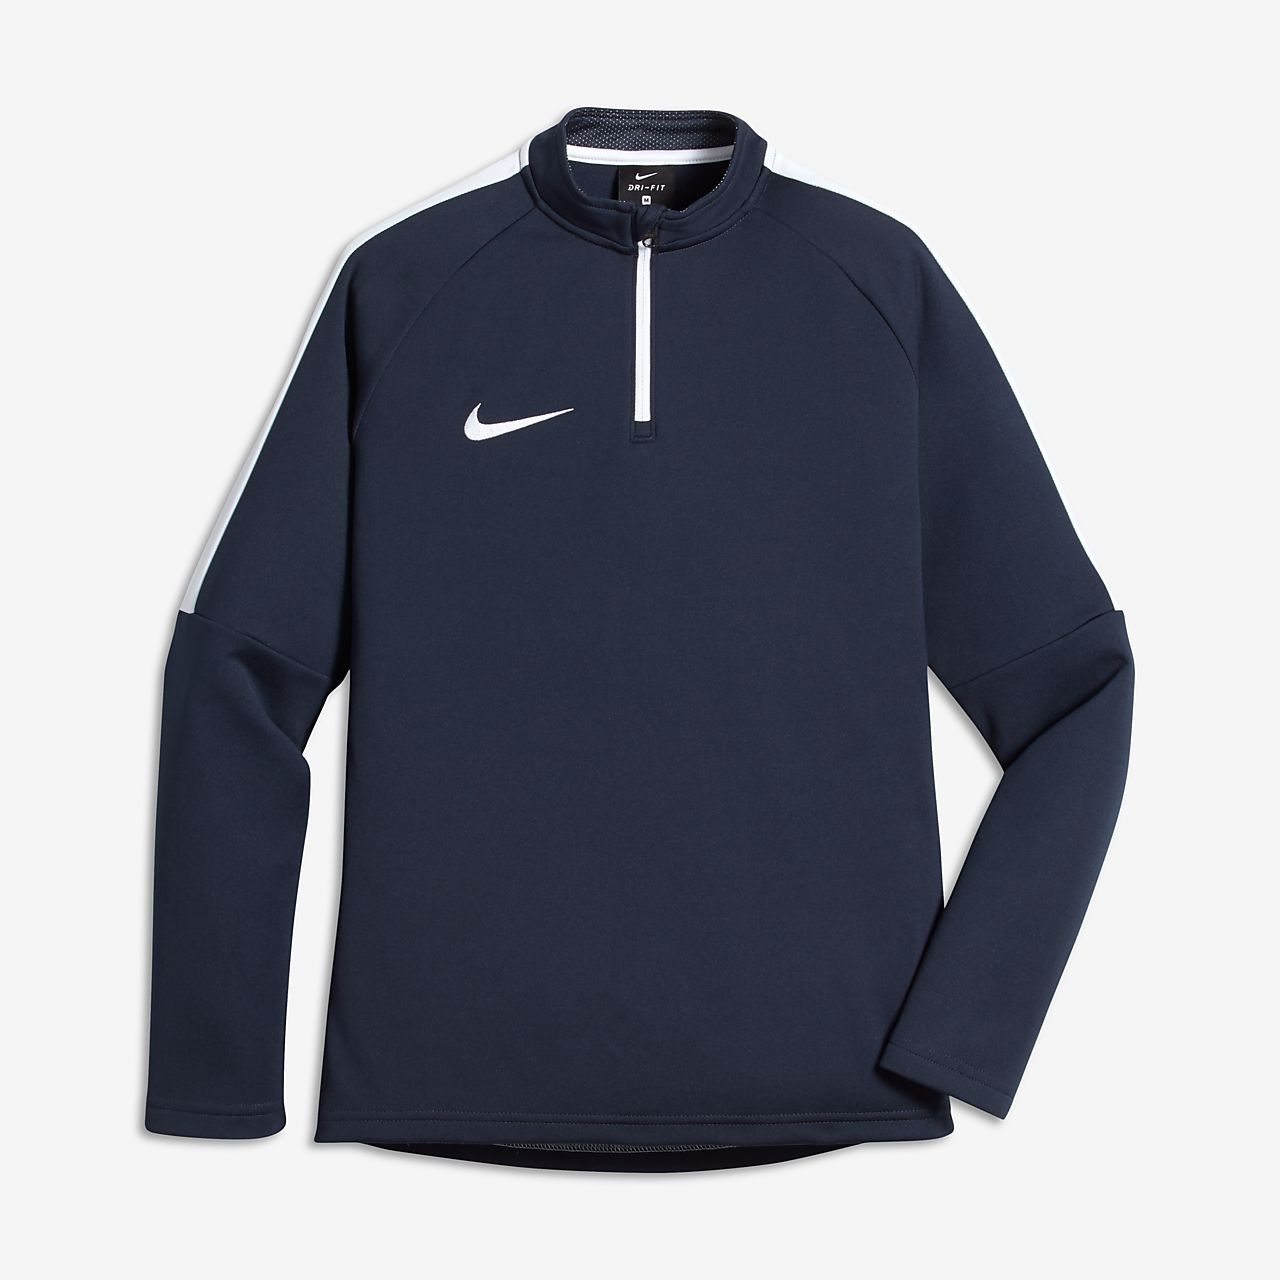 Nike Dri-FIT Fußball-Trainingsoberteil für ältere Kinder